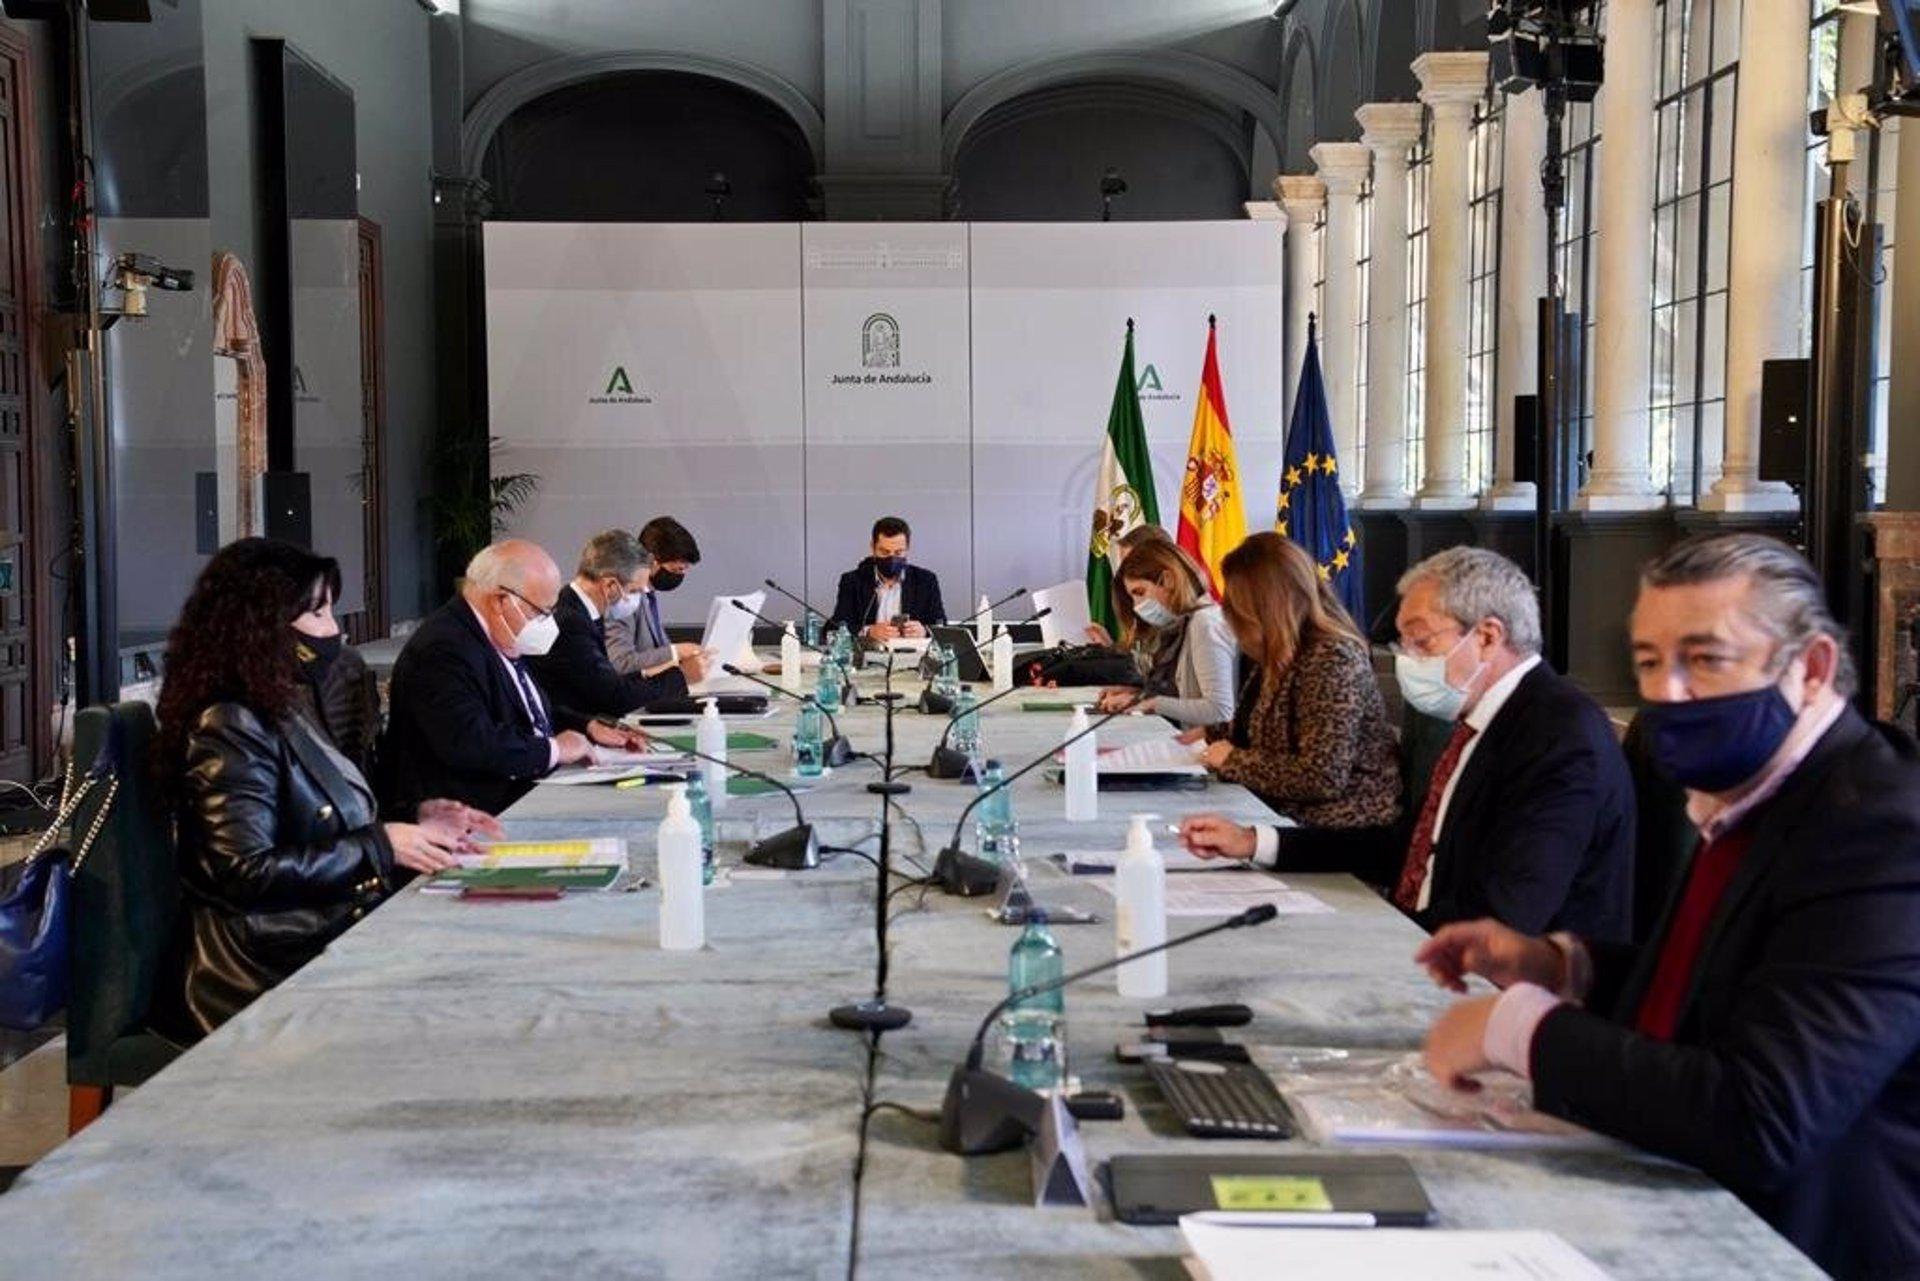 Moreno convoca reunión de trabajo con su Gobierno para hacer balance de los dos años y analizar situación de la pandemia